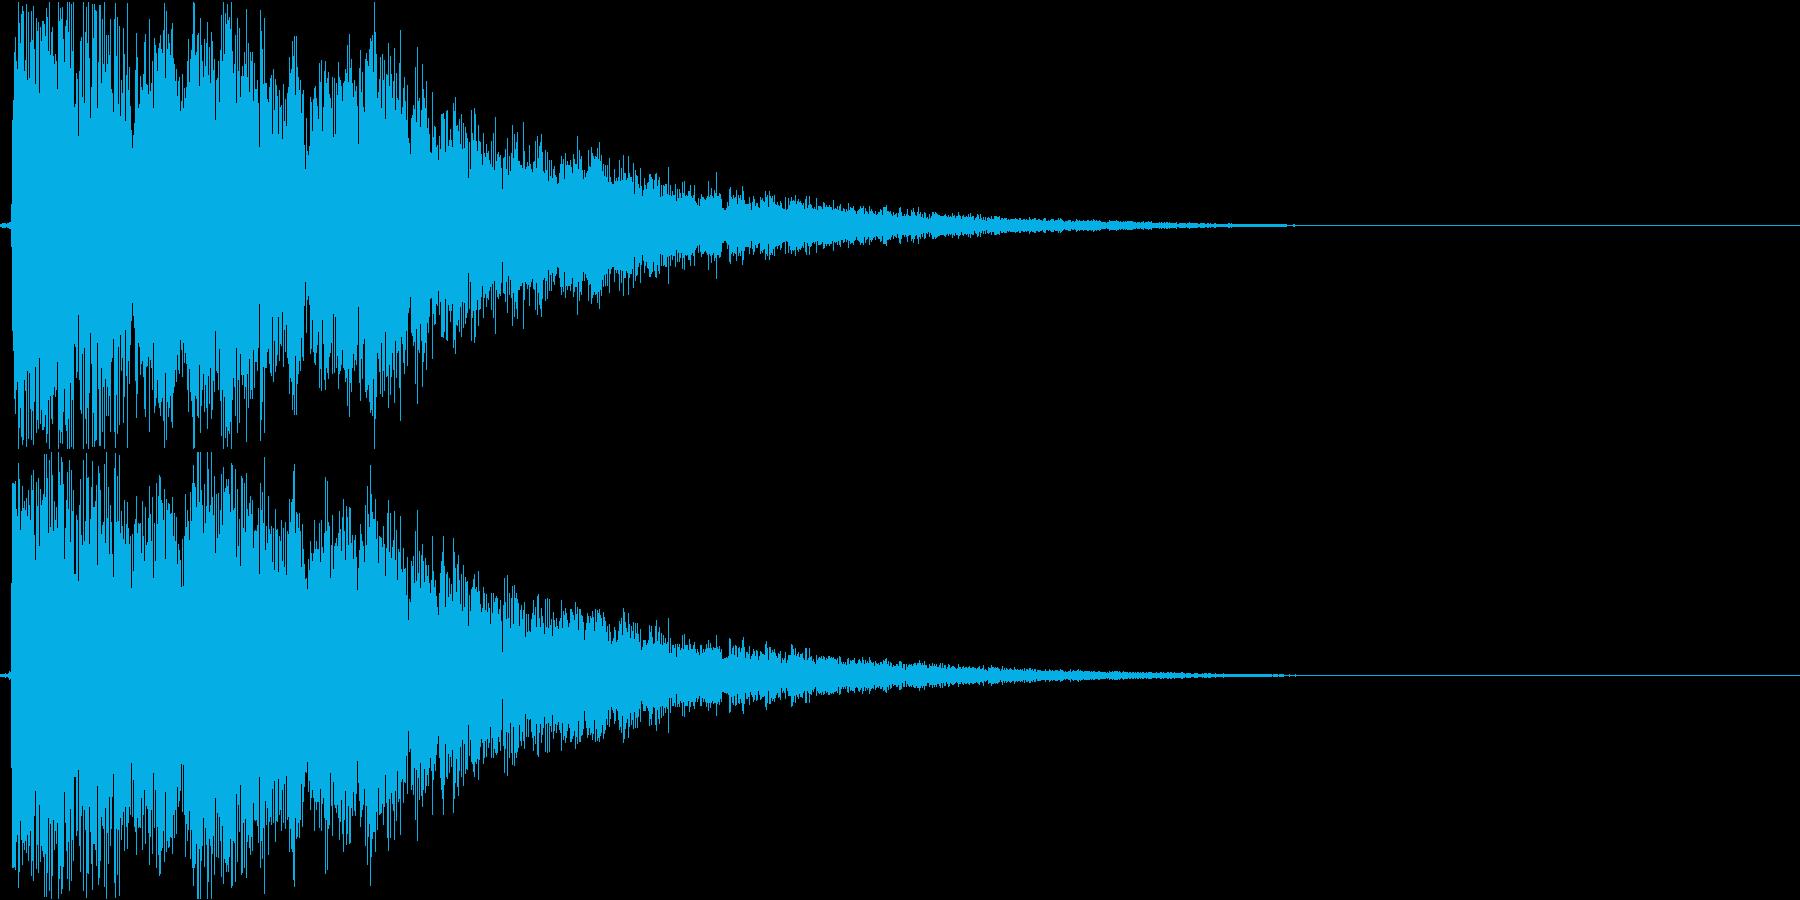 テレビ番組・CM等テロップ(ピピーン!)の再生済みの波形